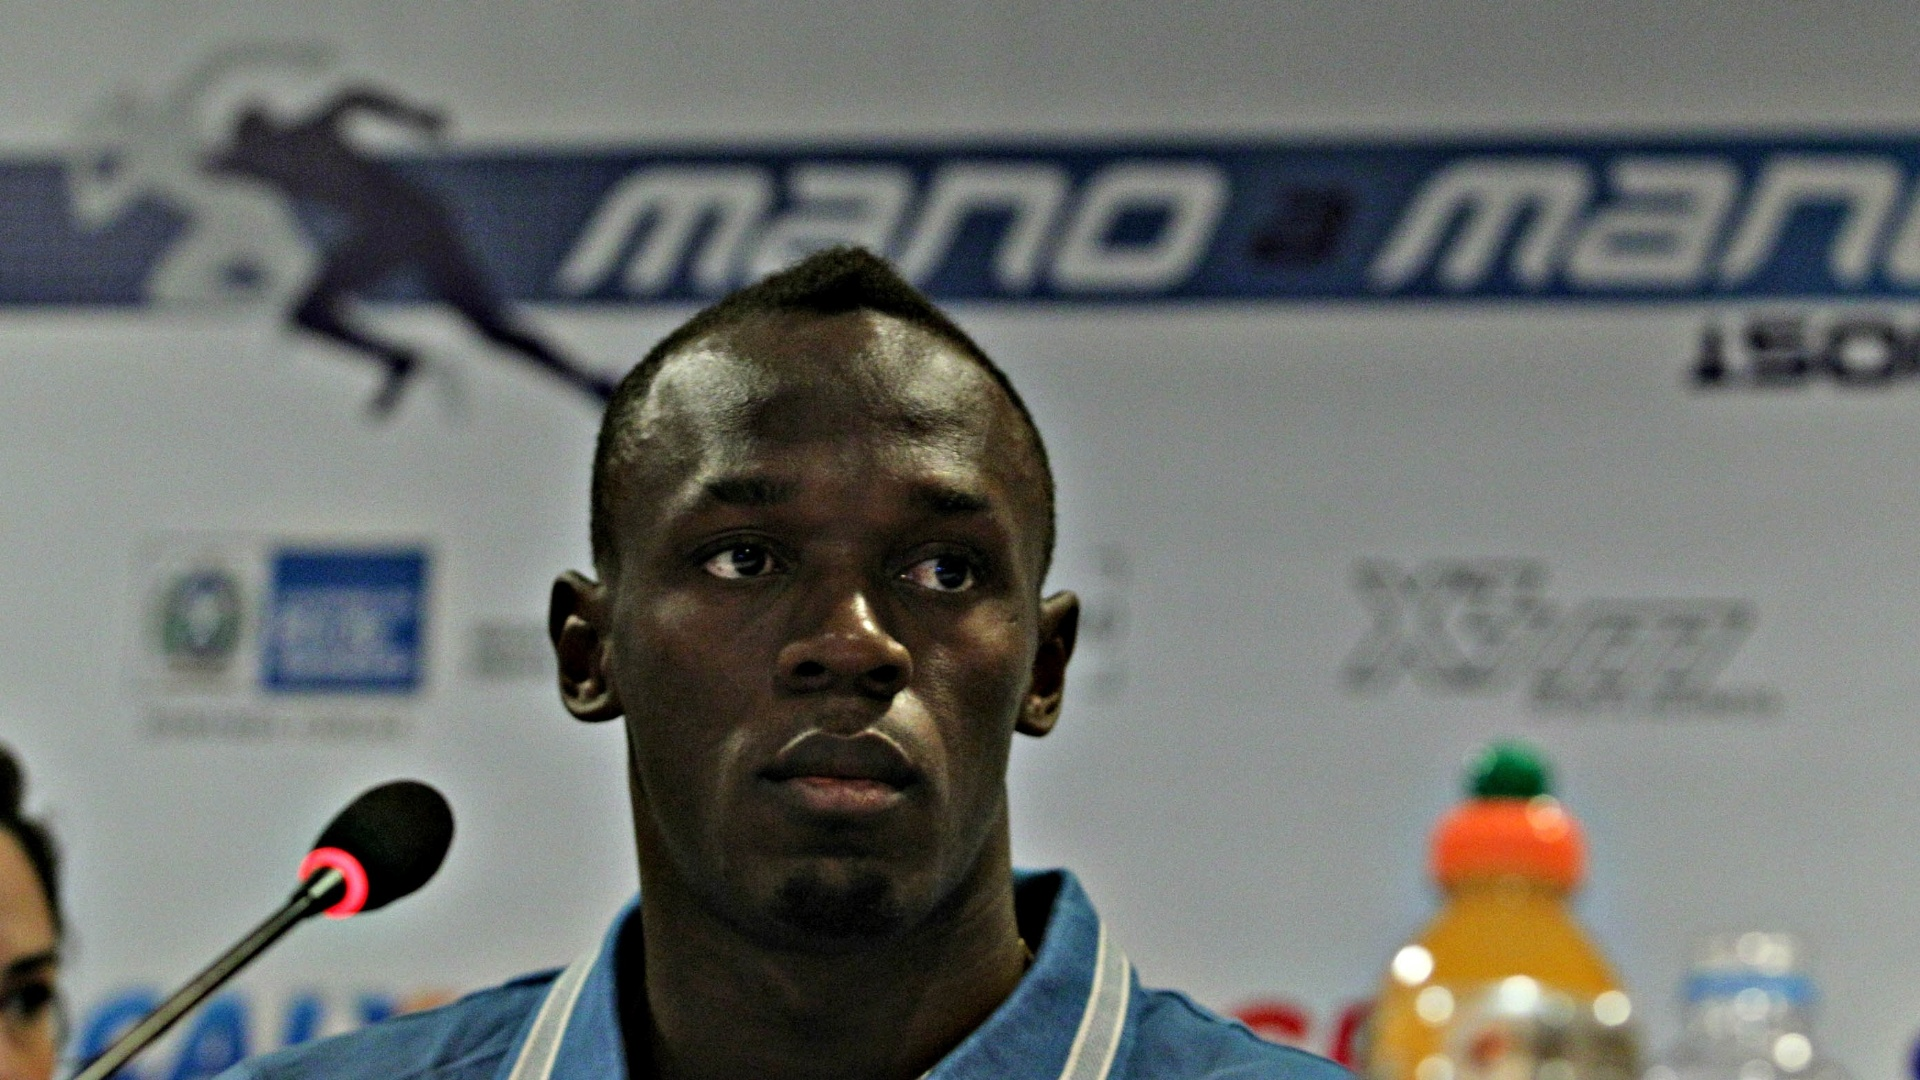 28.mar.2013 - O velocista jamaicano Usain Bolt durante entrevista coletiva no Rio de Janeiro, onde está para competir na praia de Copacabana em prova de 150 m no próximo domingo